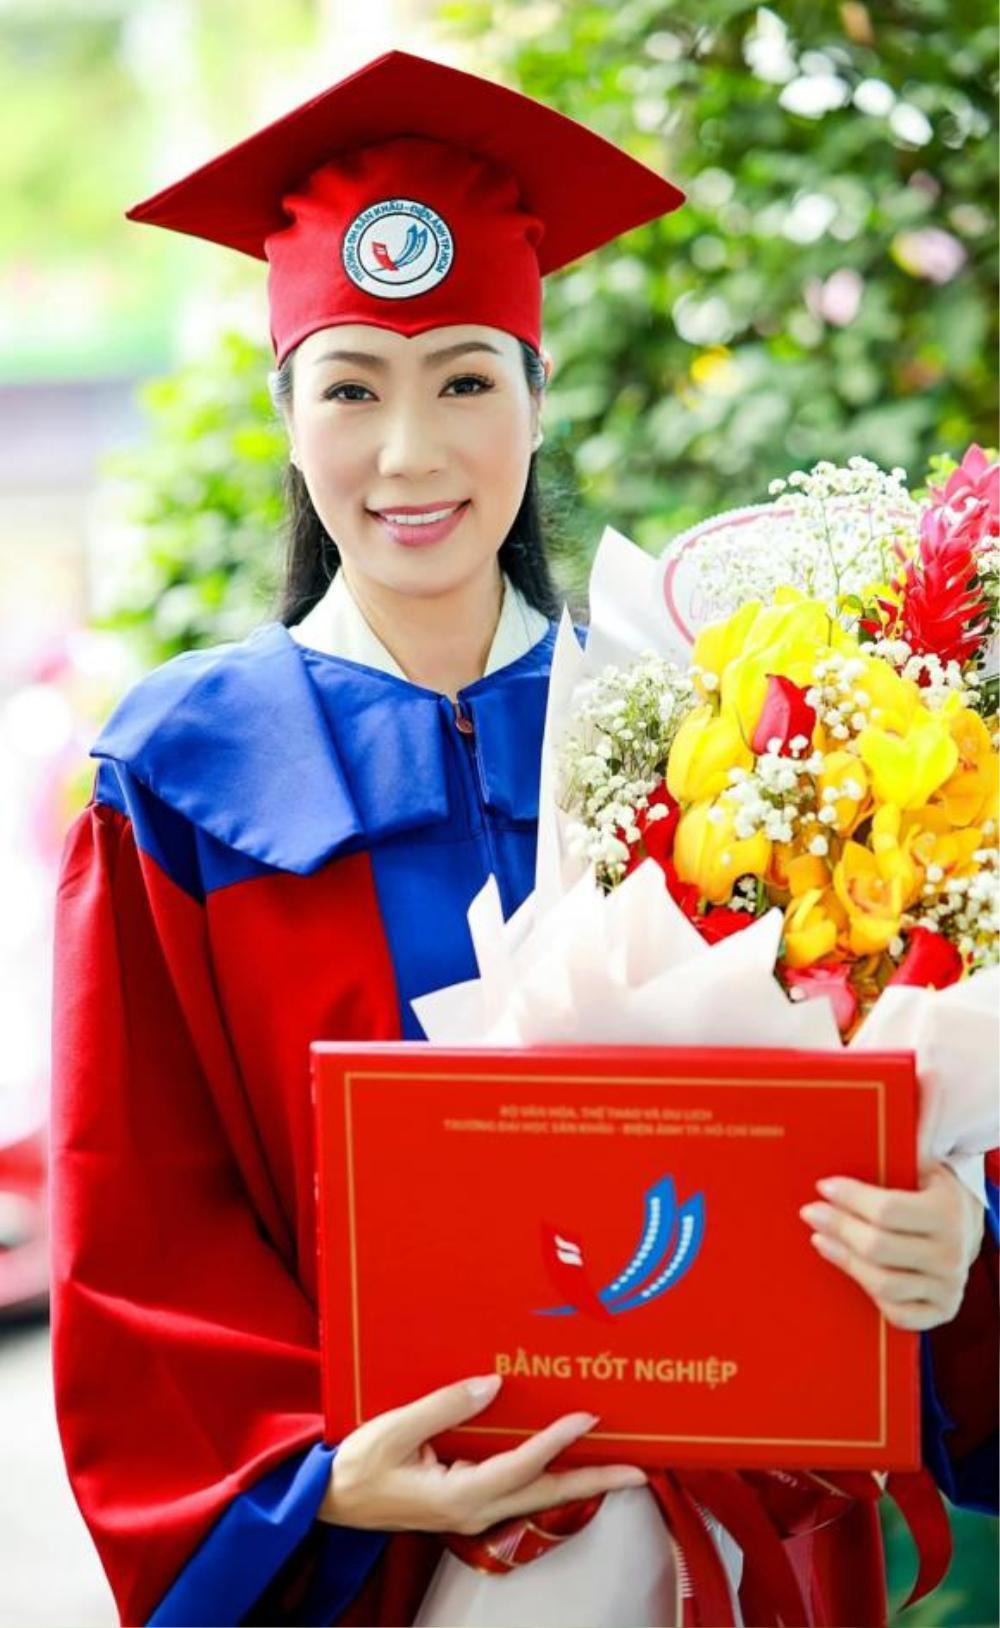 Ở tuổi 49, Á hậu Trịnh Kim Chi tốt nghiệp Cử nhân Trường đại học Sân khấu - Điện ảnh Ảnh 4